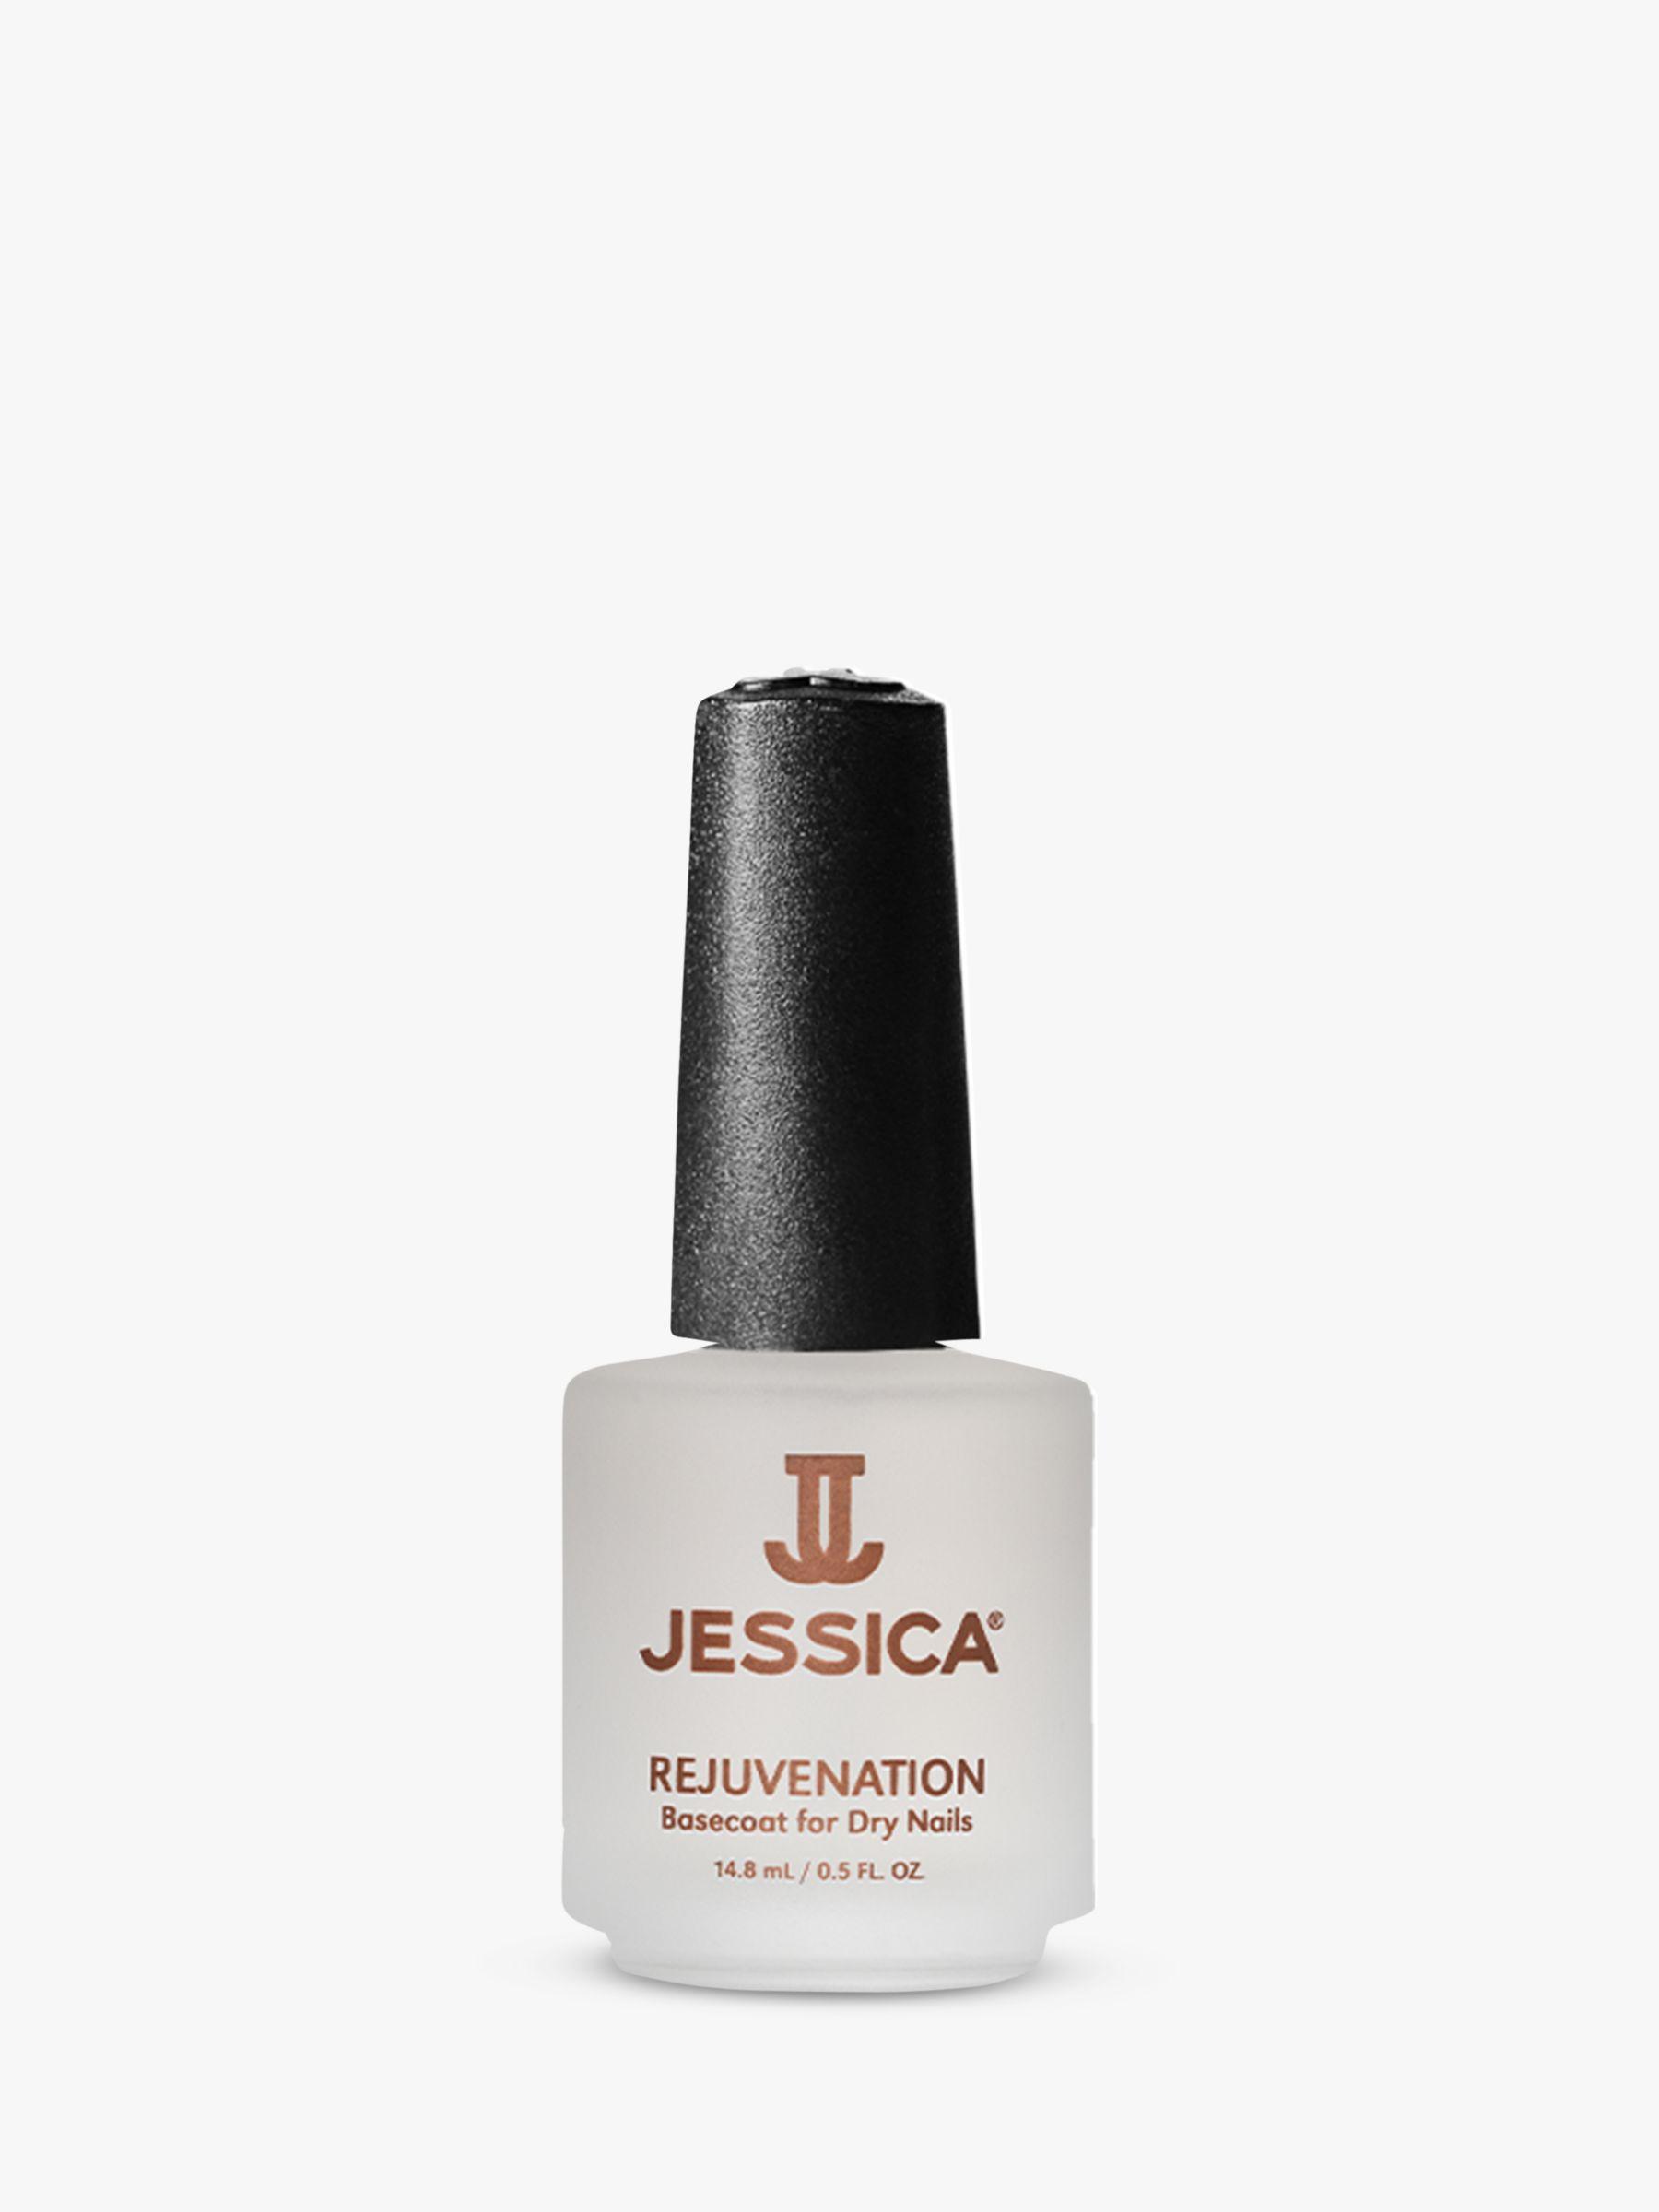 Jessica Jessica Rejuvenation Dry Nails Base Coat, 14.8ml